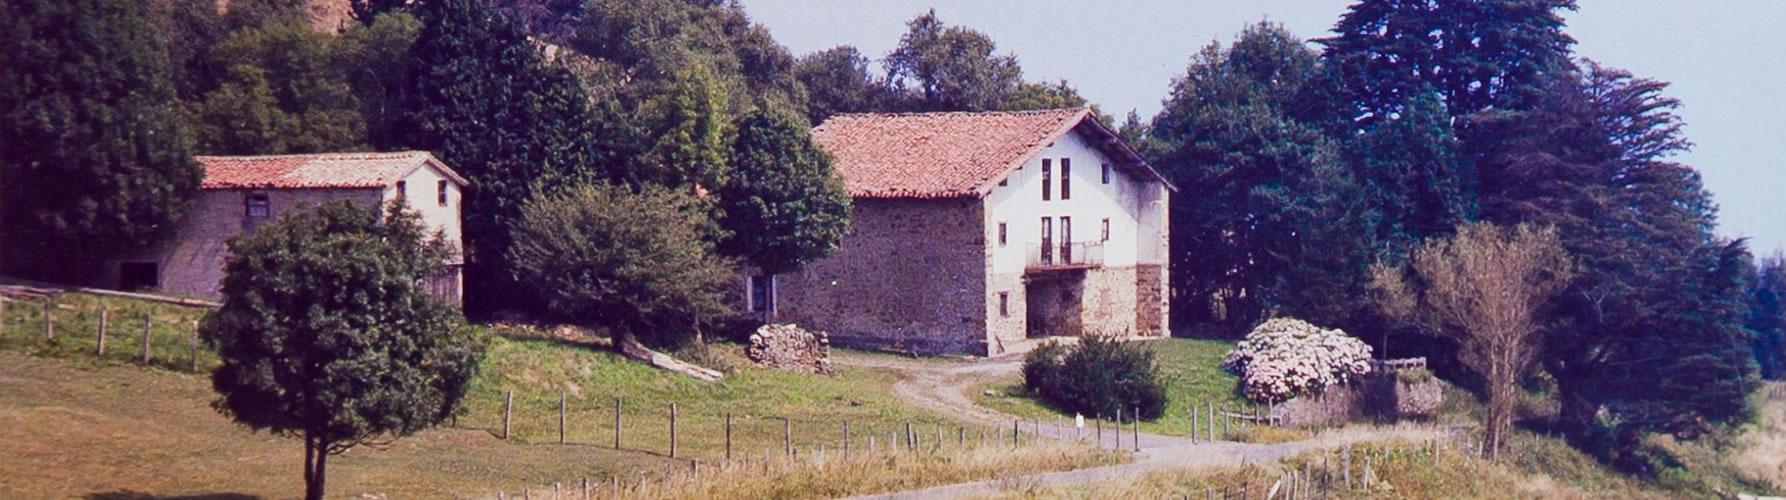 Caserio Atxurra Baserri